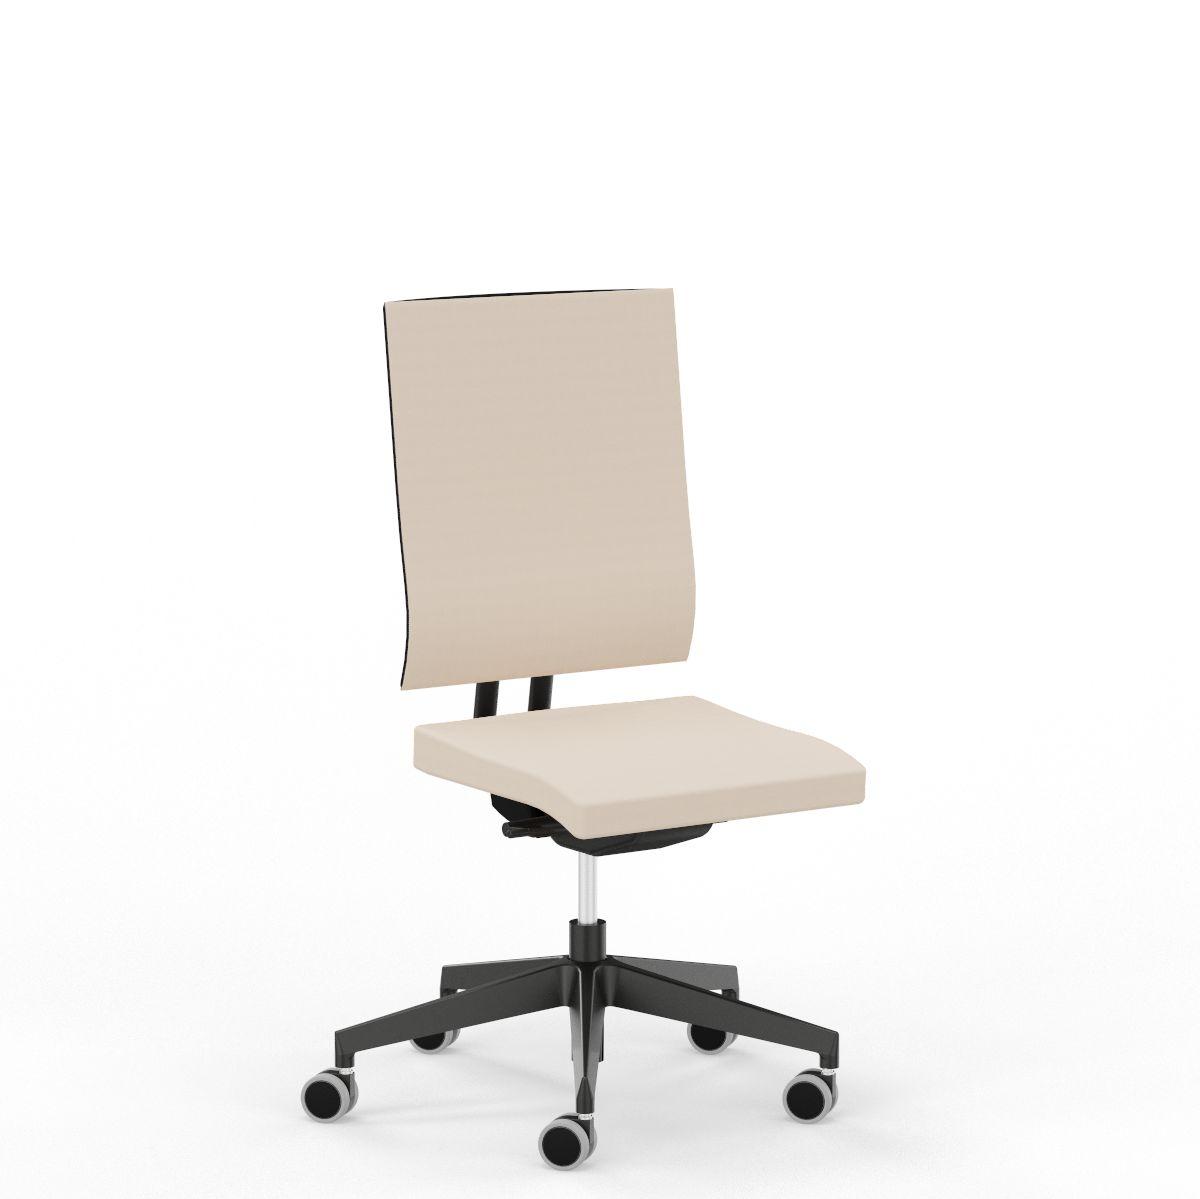 Fotel Biurowy Nowy Styl @-motion-U FS z